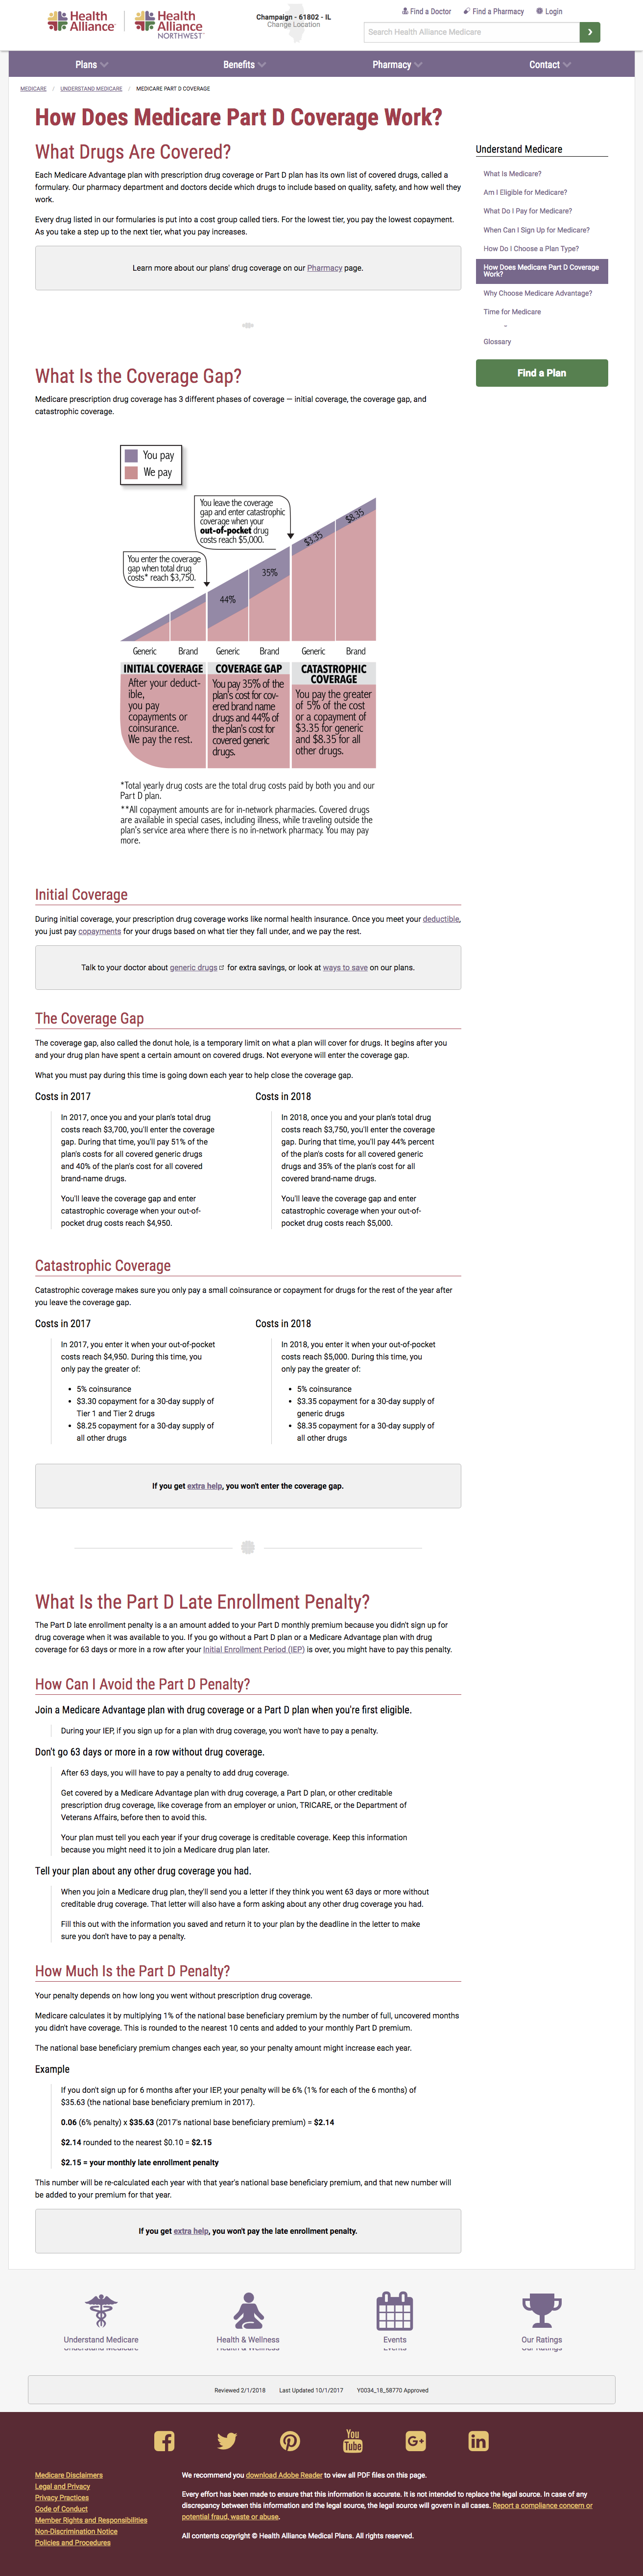 Understanding Part D landing page